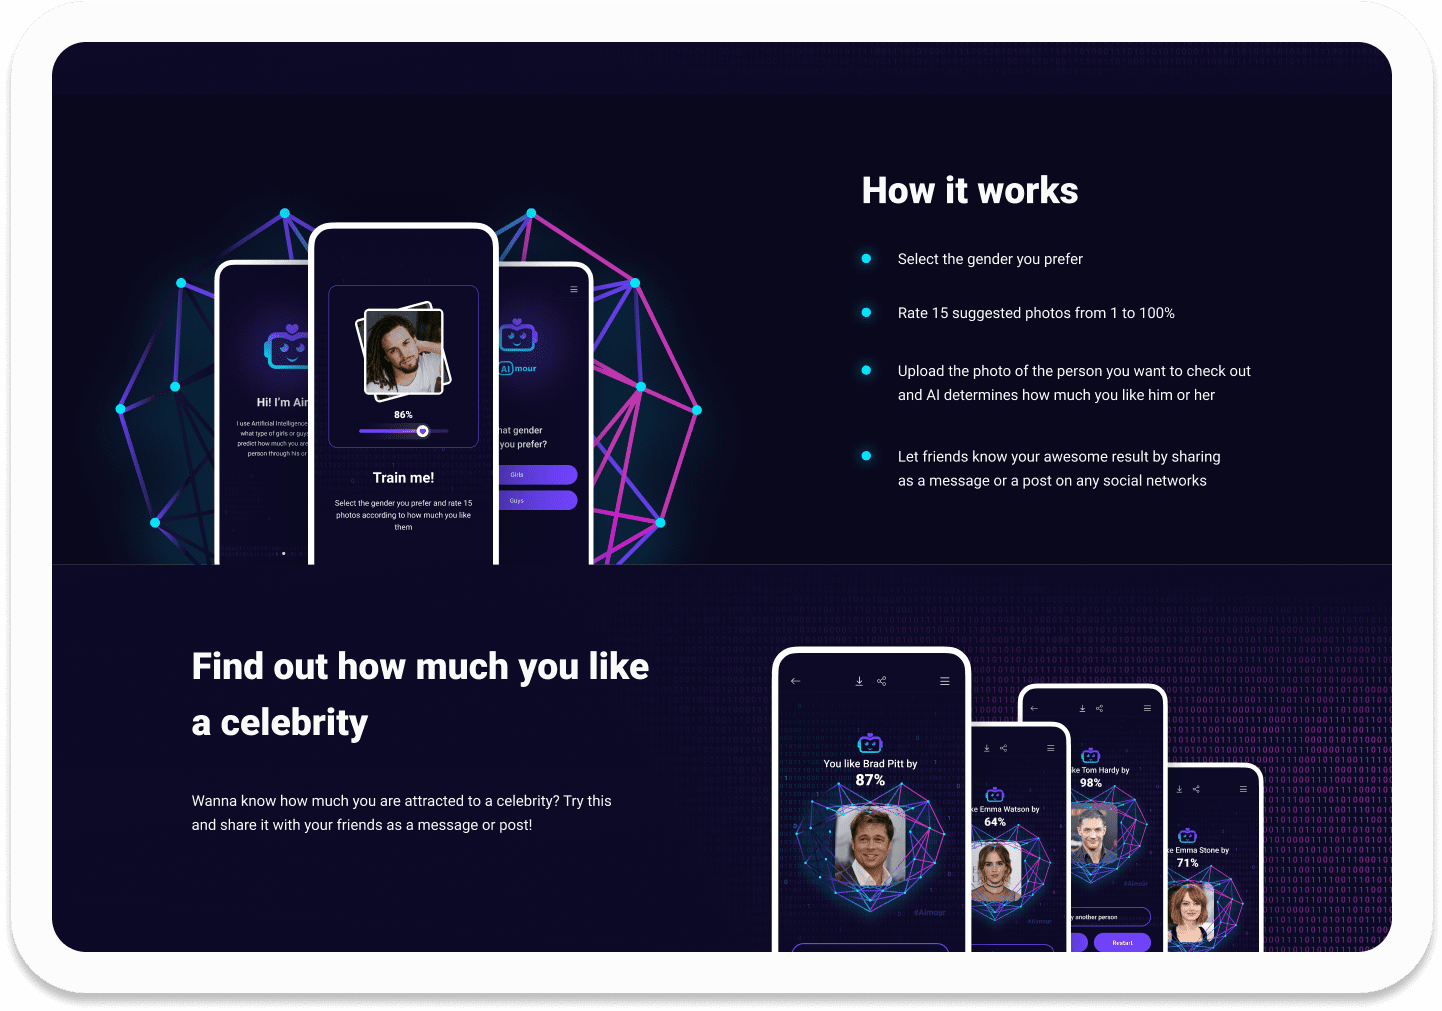 """Лендинг для приложения с искусственным интеллектом """"AImour"""" - https://aimour.net/"""